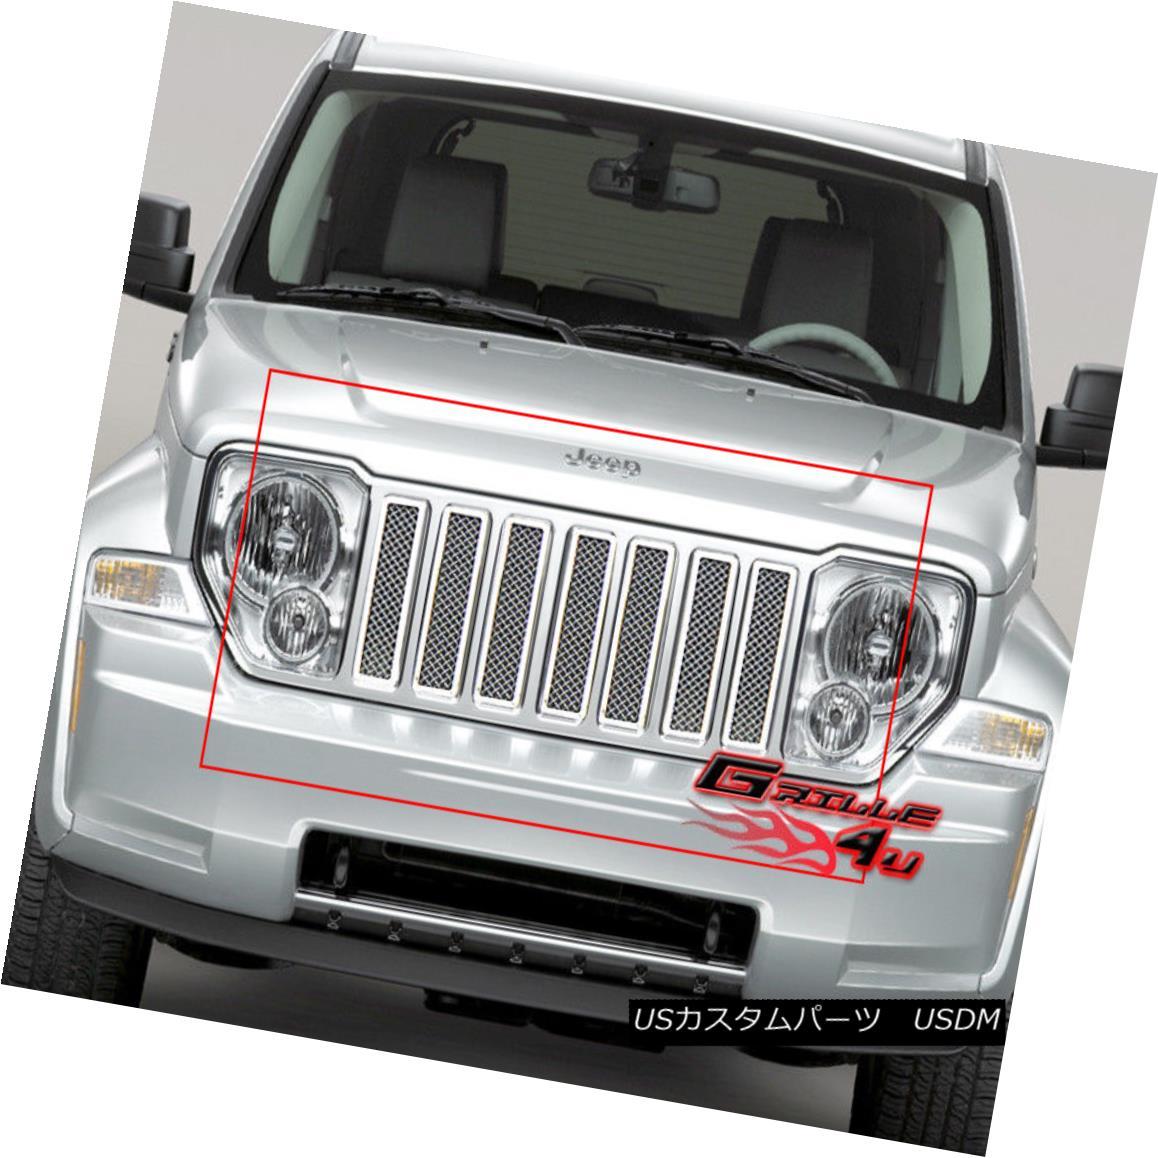 グリル For 08-11 2011 Jeep Liberty Stainless Mesh Grille Insert 08-11 2011ジープリバティーステンレスメッシュグリルインサート